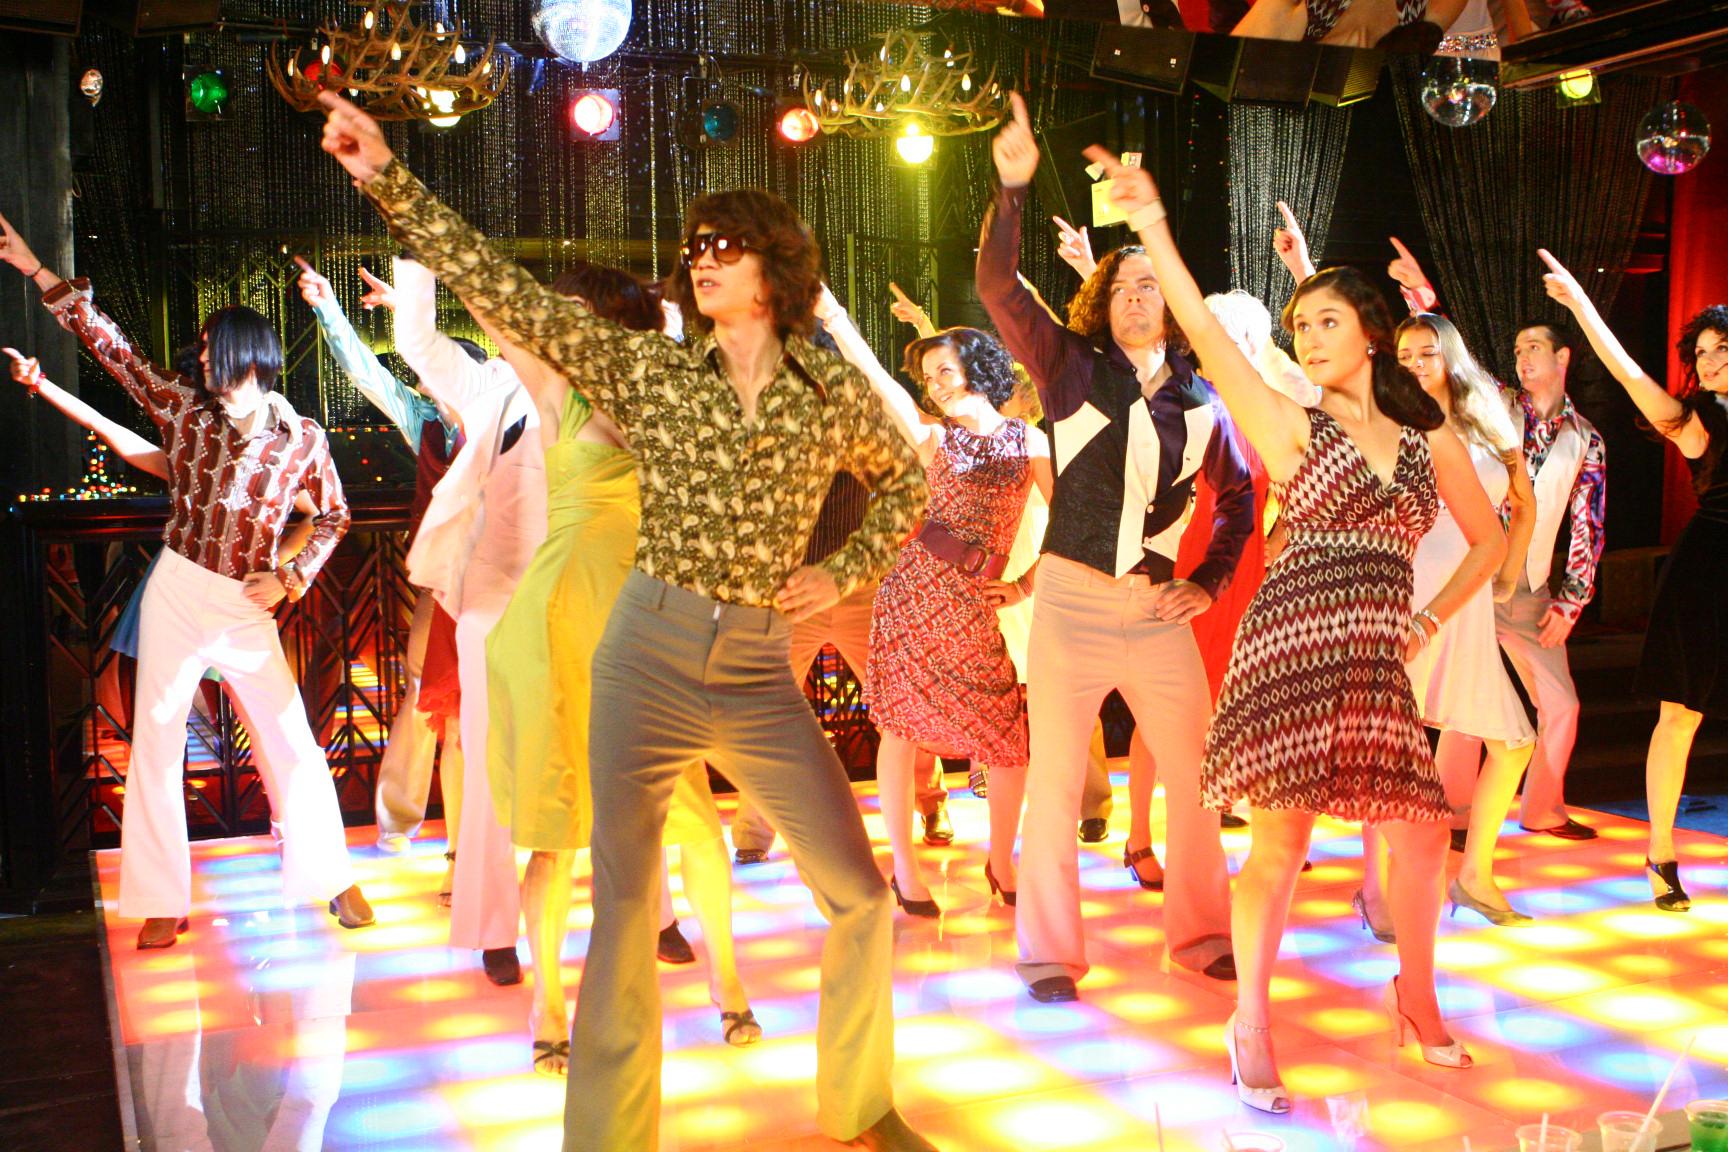 Прикольные картинки танцор диско, картинки